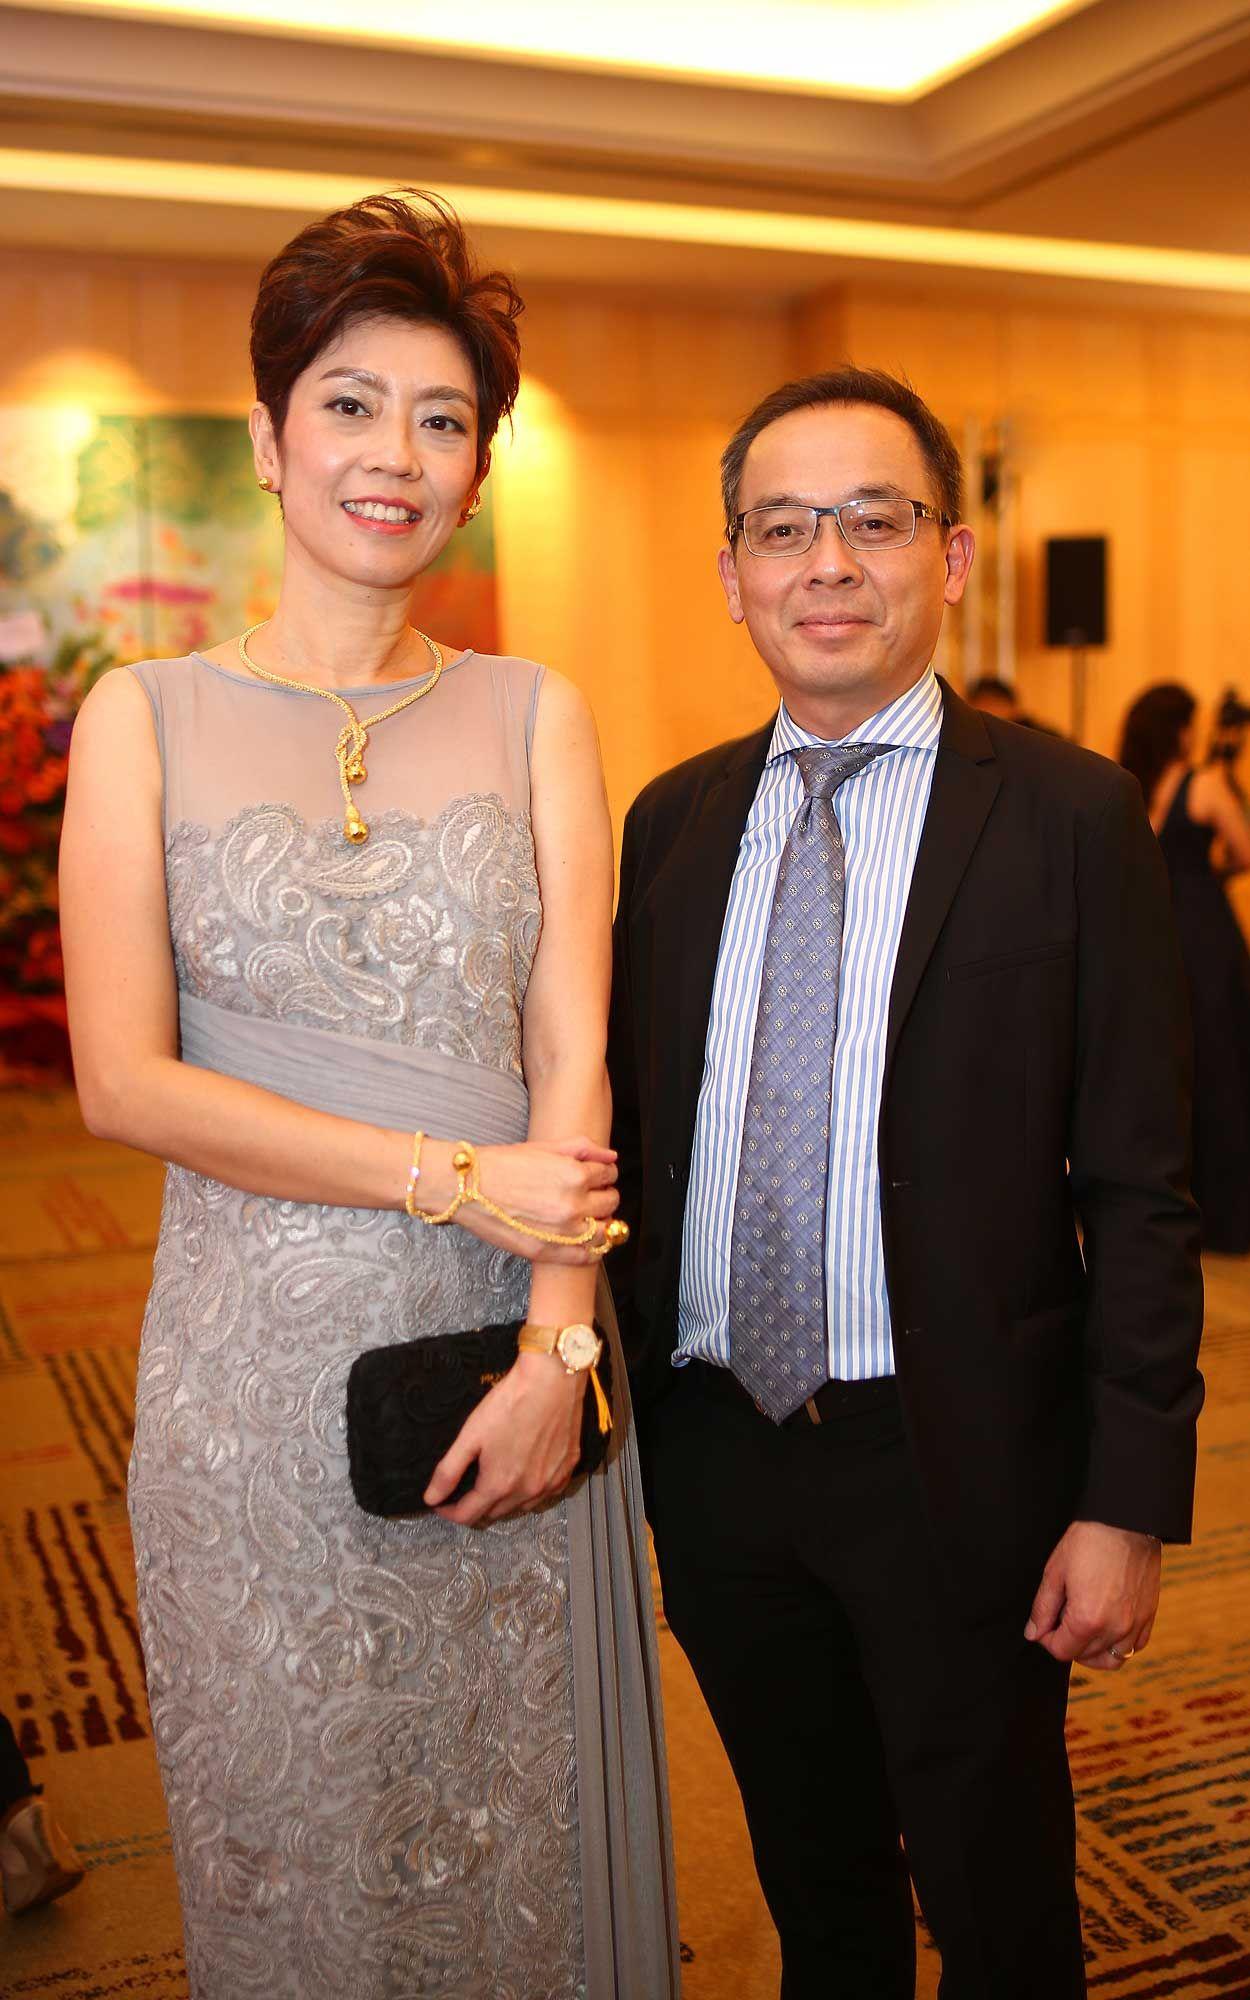 Xiao Chin Ng and Michael Beh